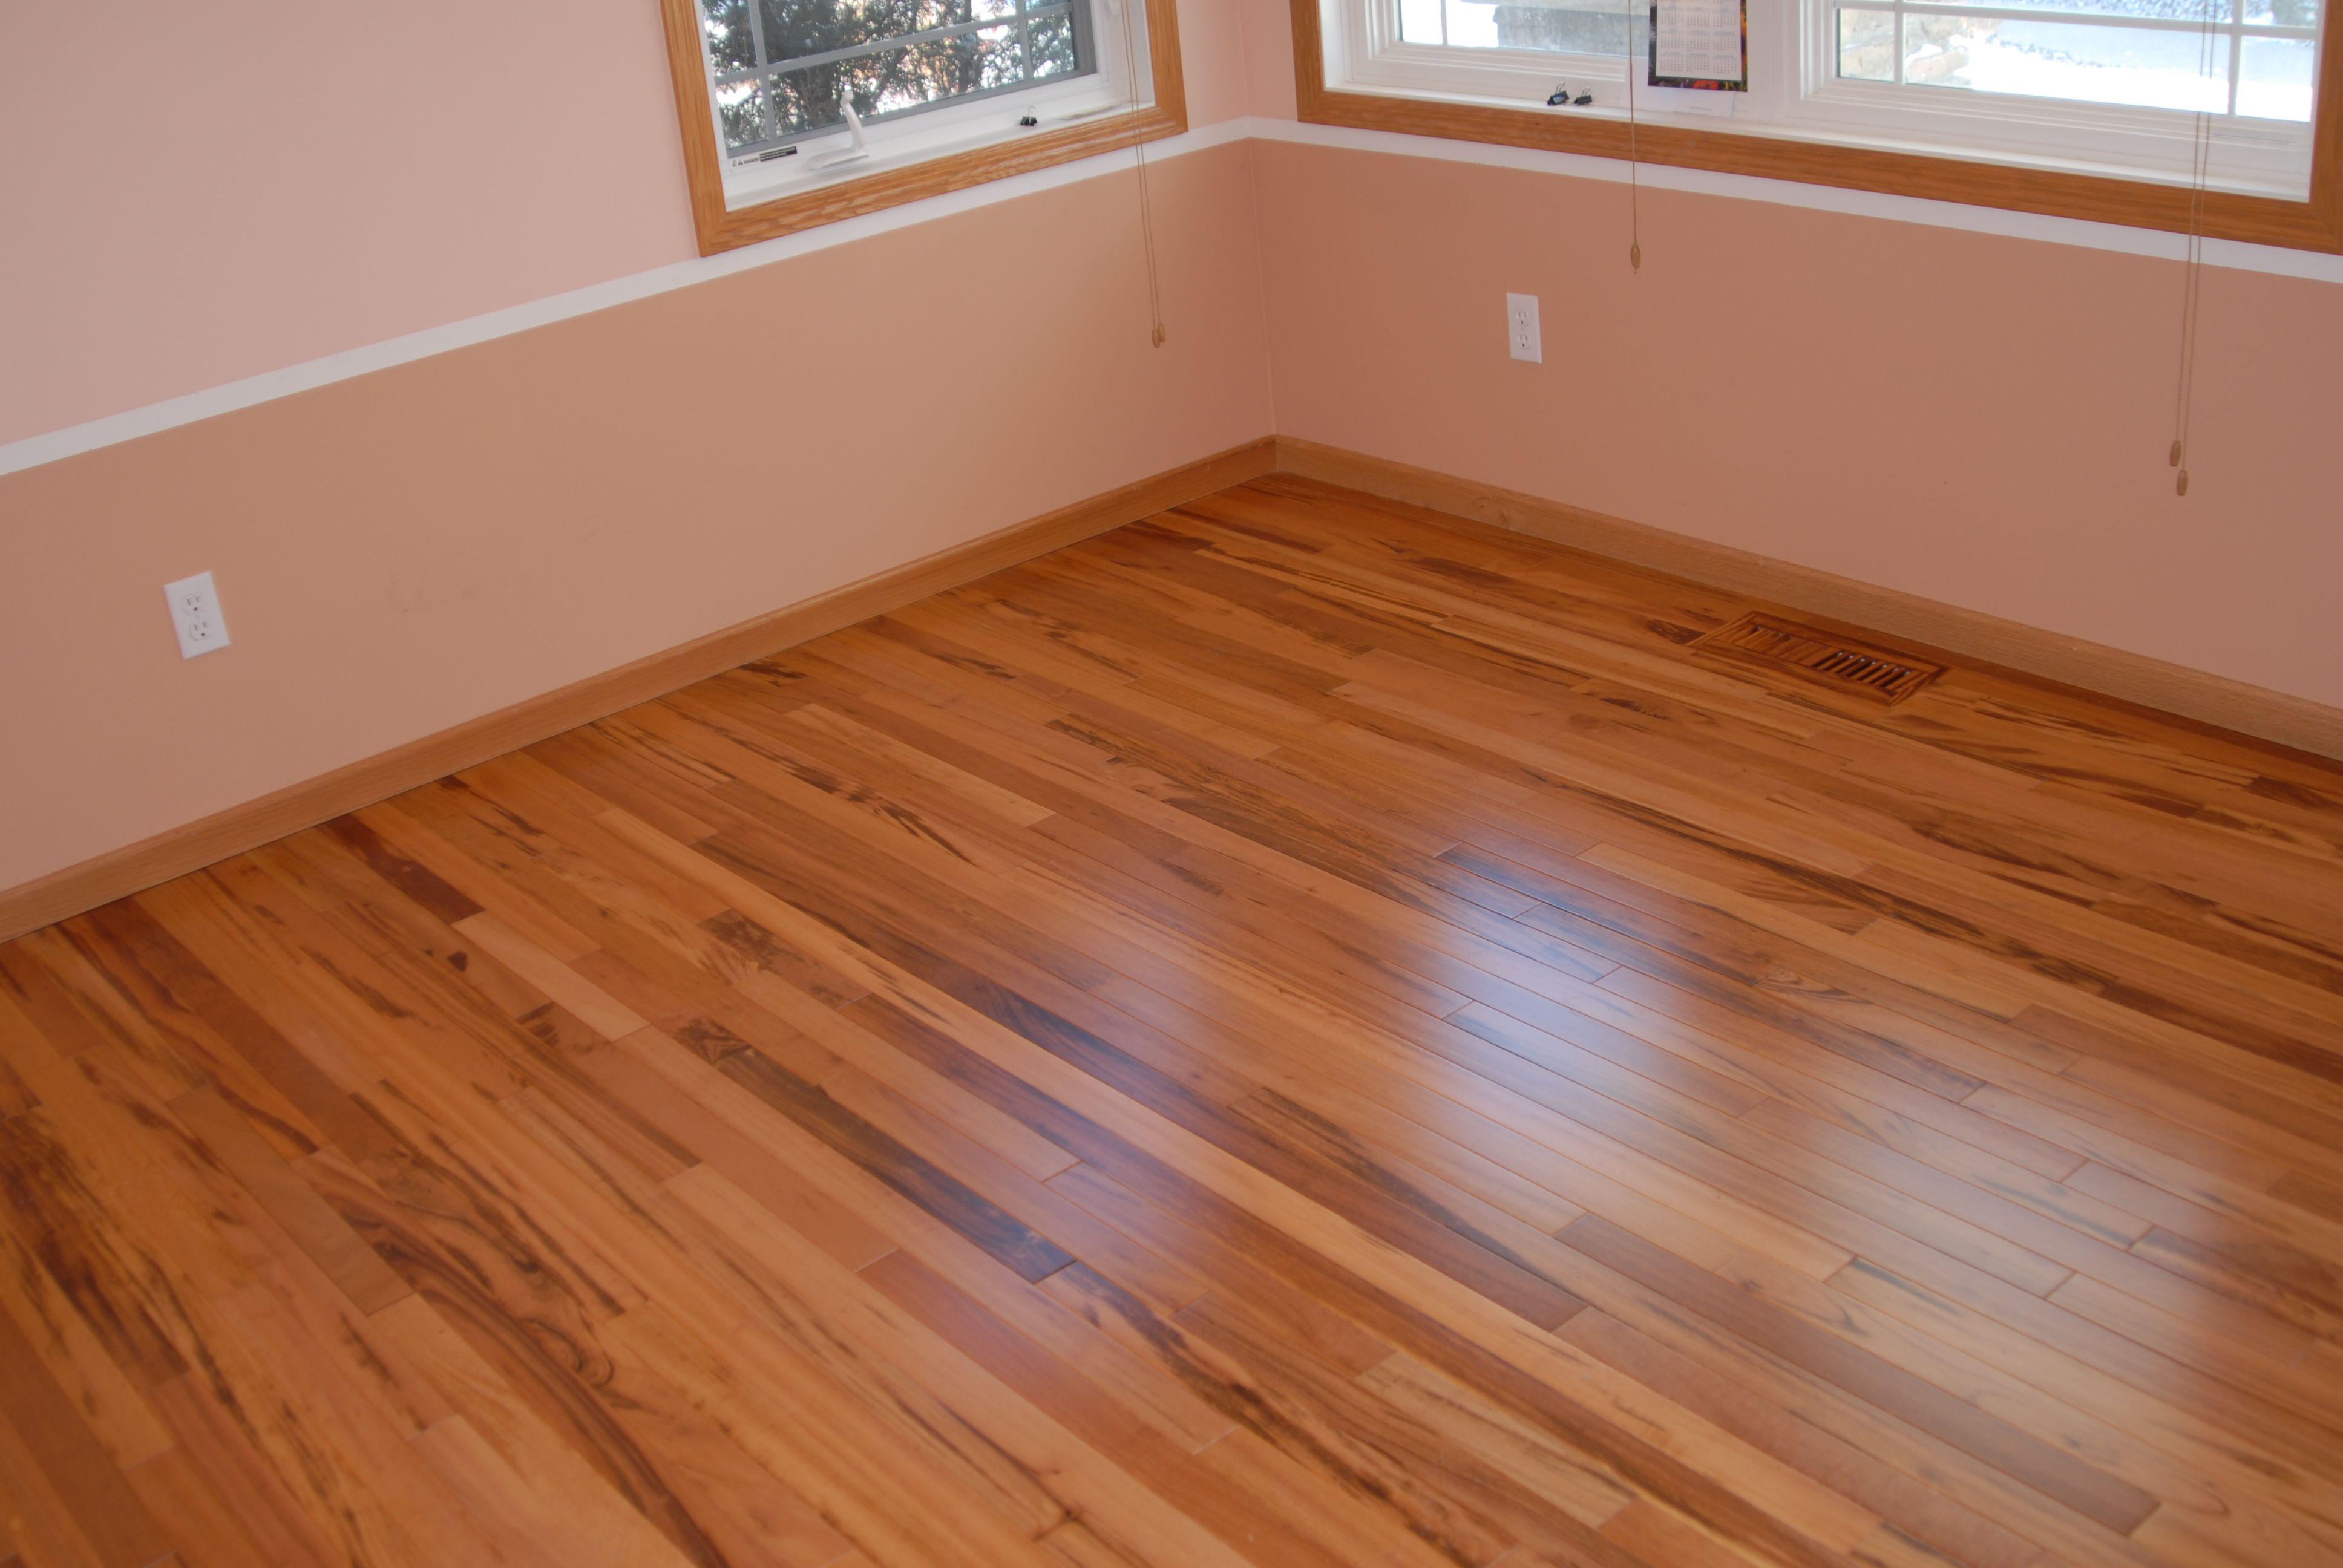 Tigerwood Hardwood Flooring  Unfinished Exotic